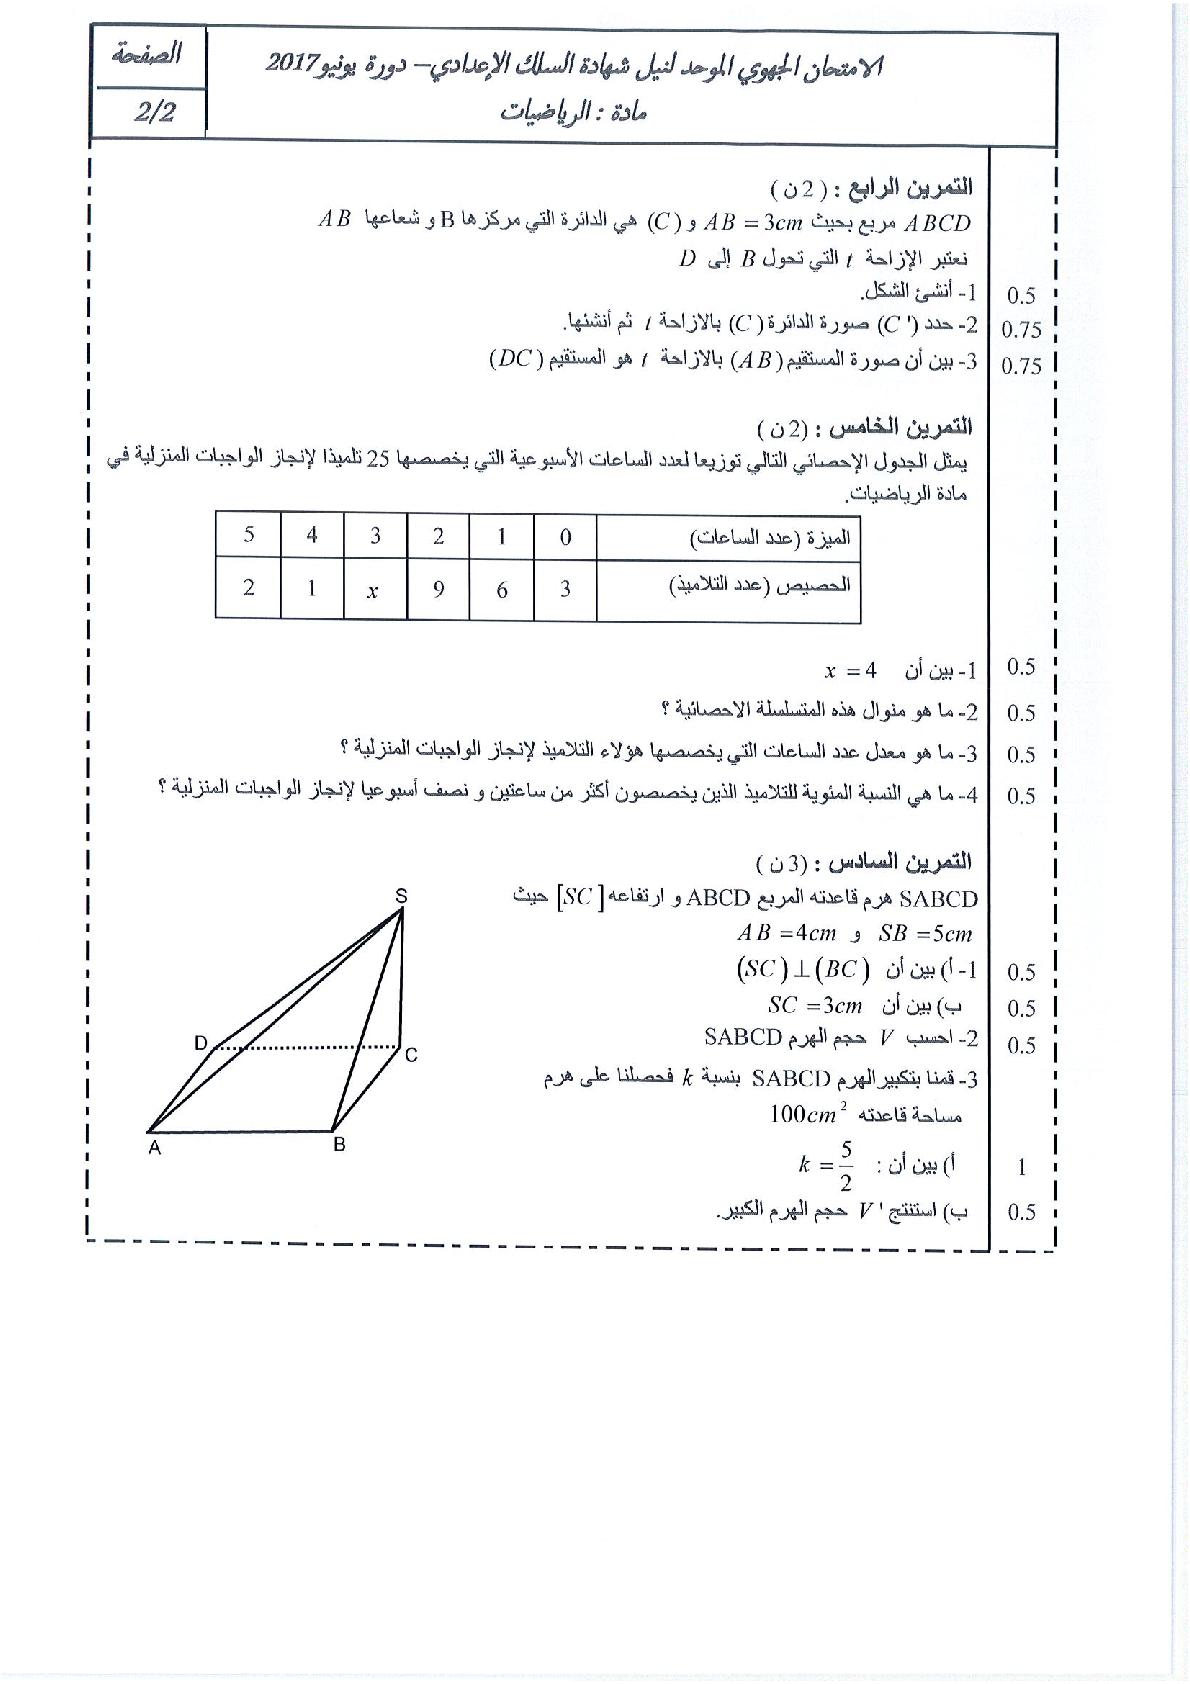 الامتحان الجهوي الموحد لجهة طنجة تطوان الحسيمة 2017